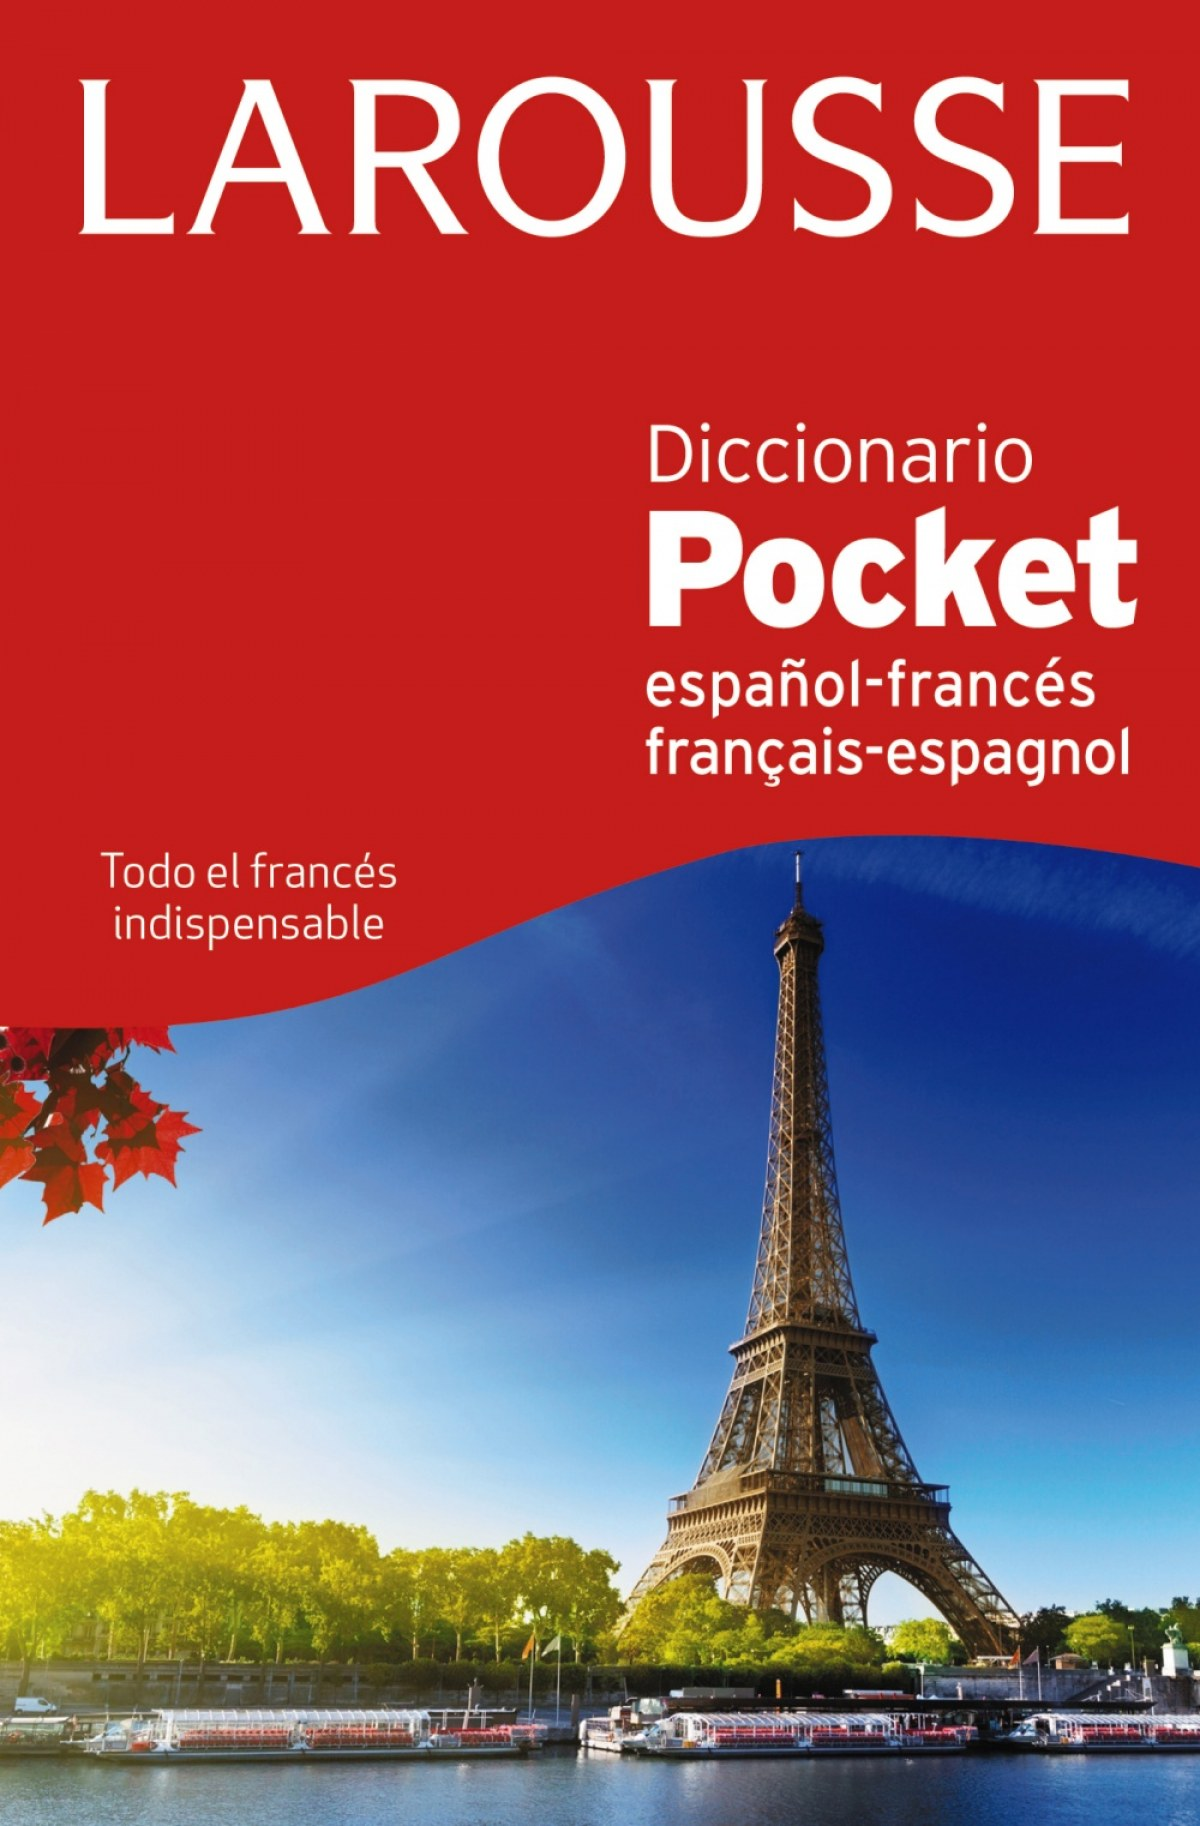 Diccionario pocket Español-Francés 9788415411055